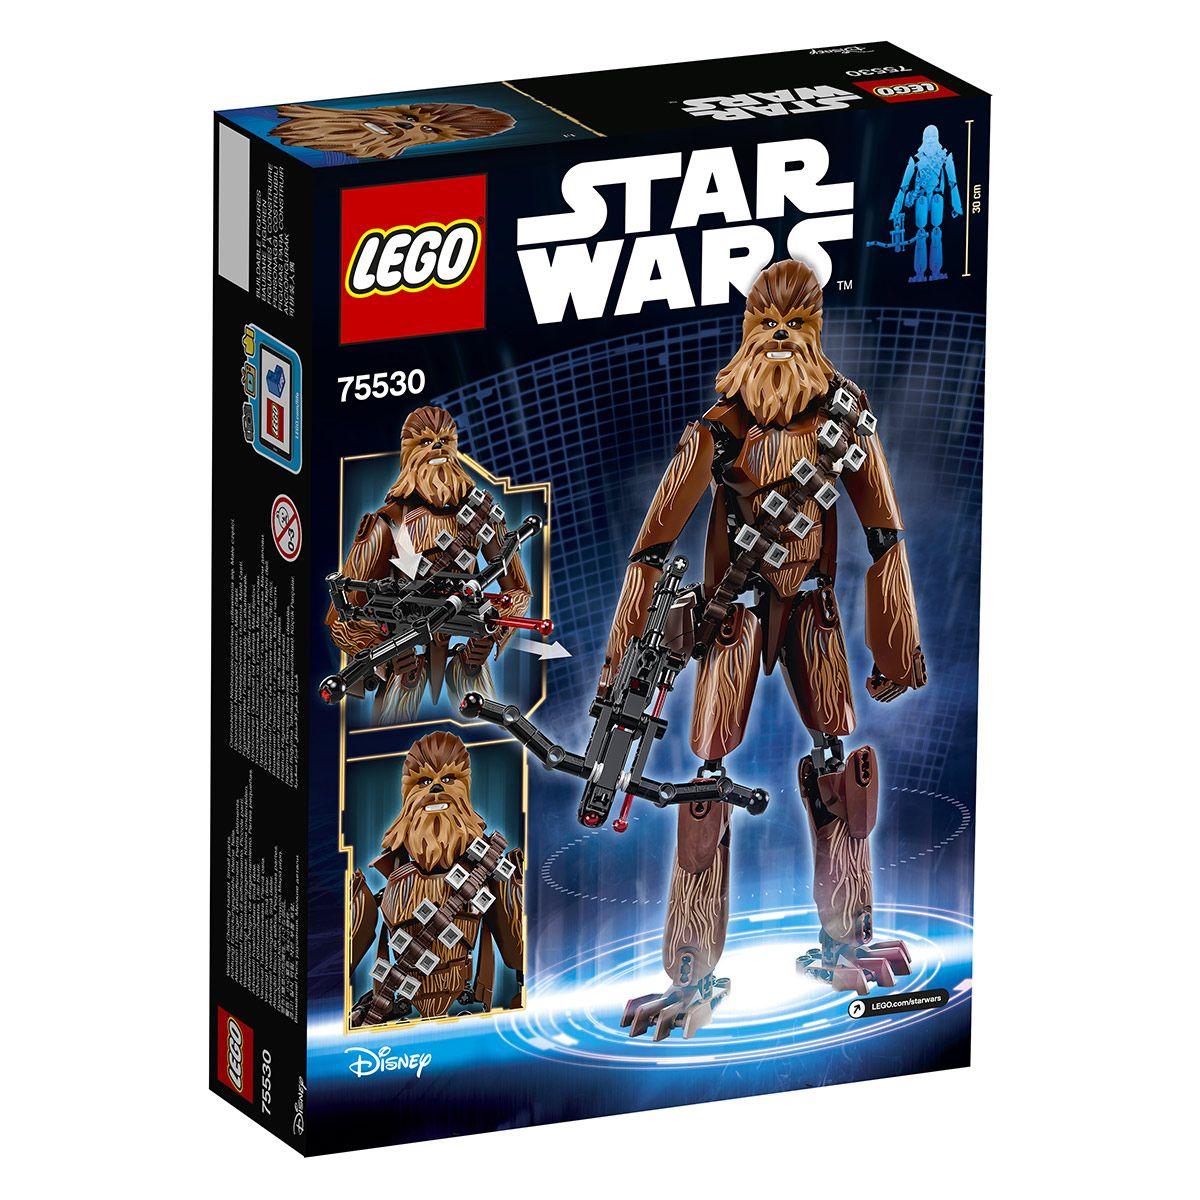 Robots 75530 Chewbacca Star Et Lego Sciences Wars La Fictions iwPXTOuZk